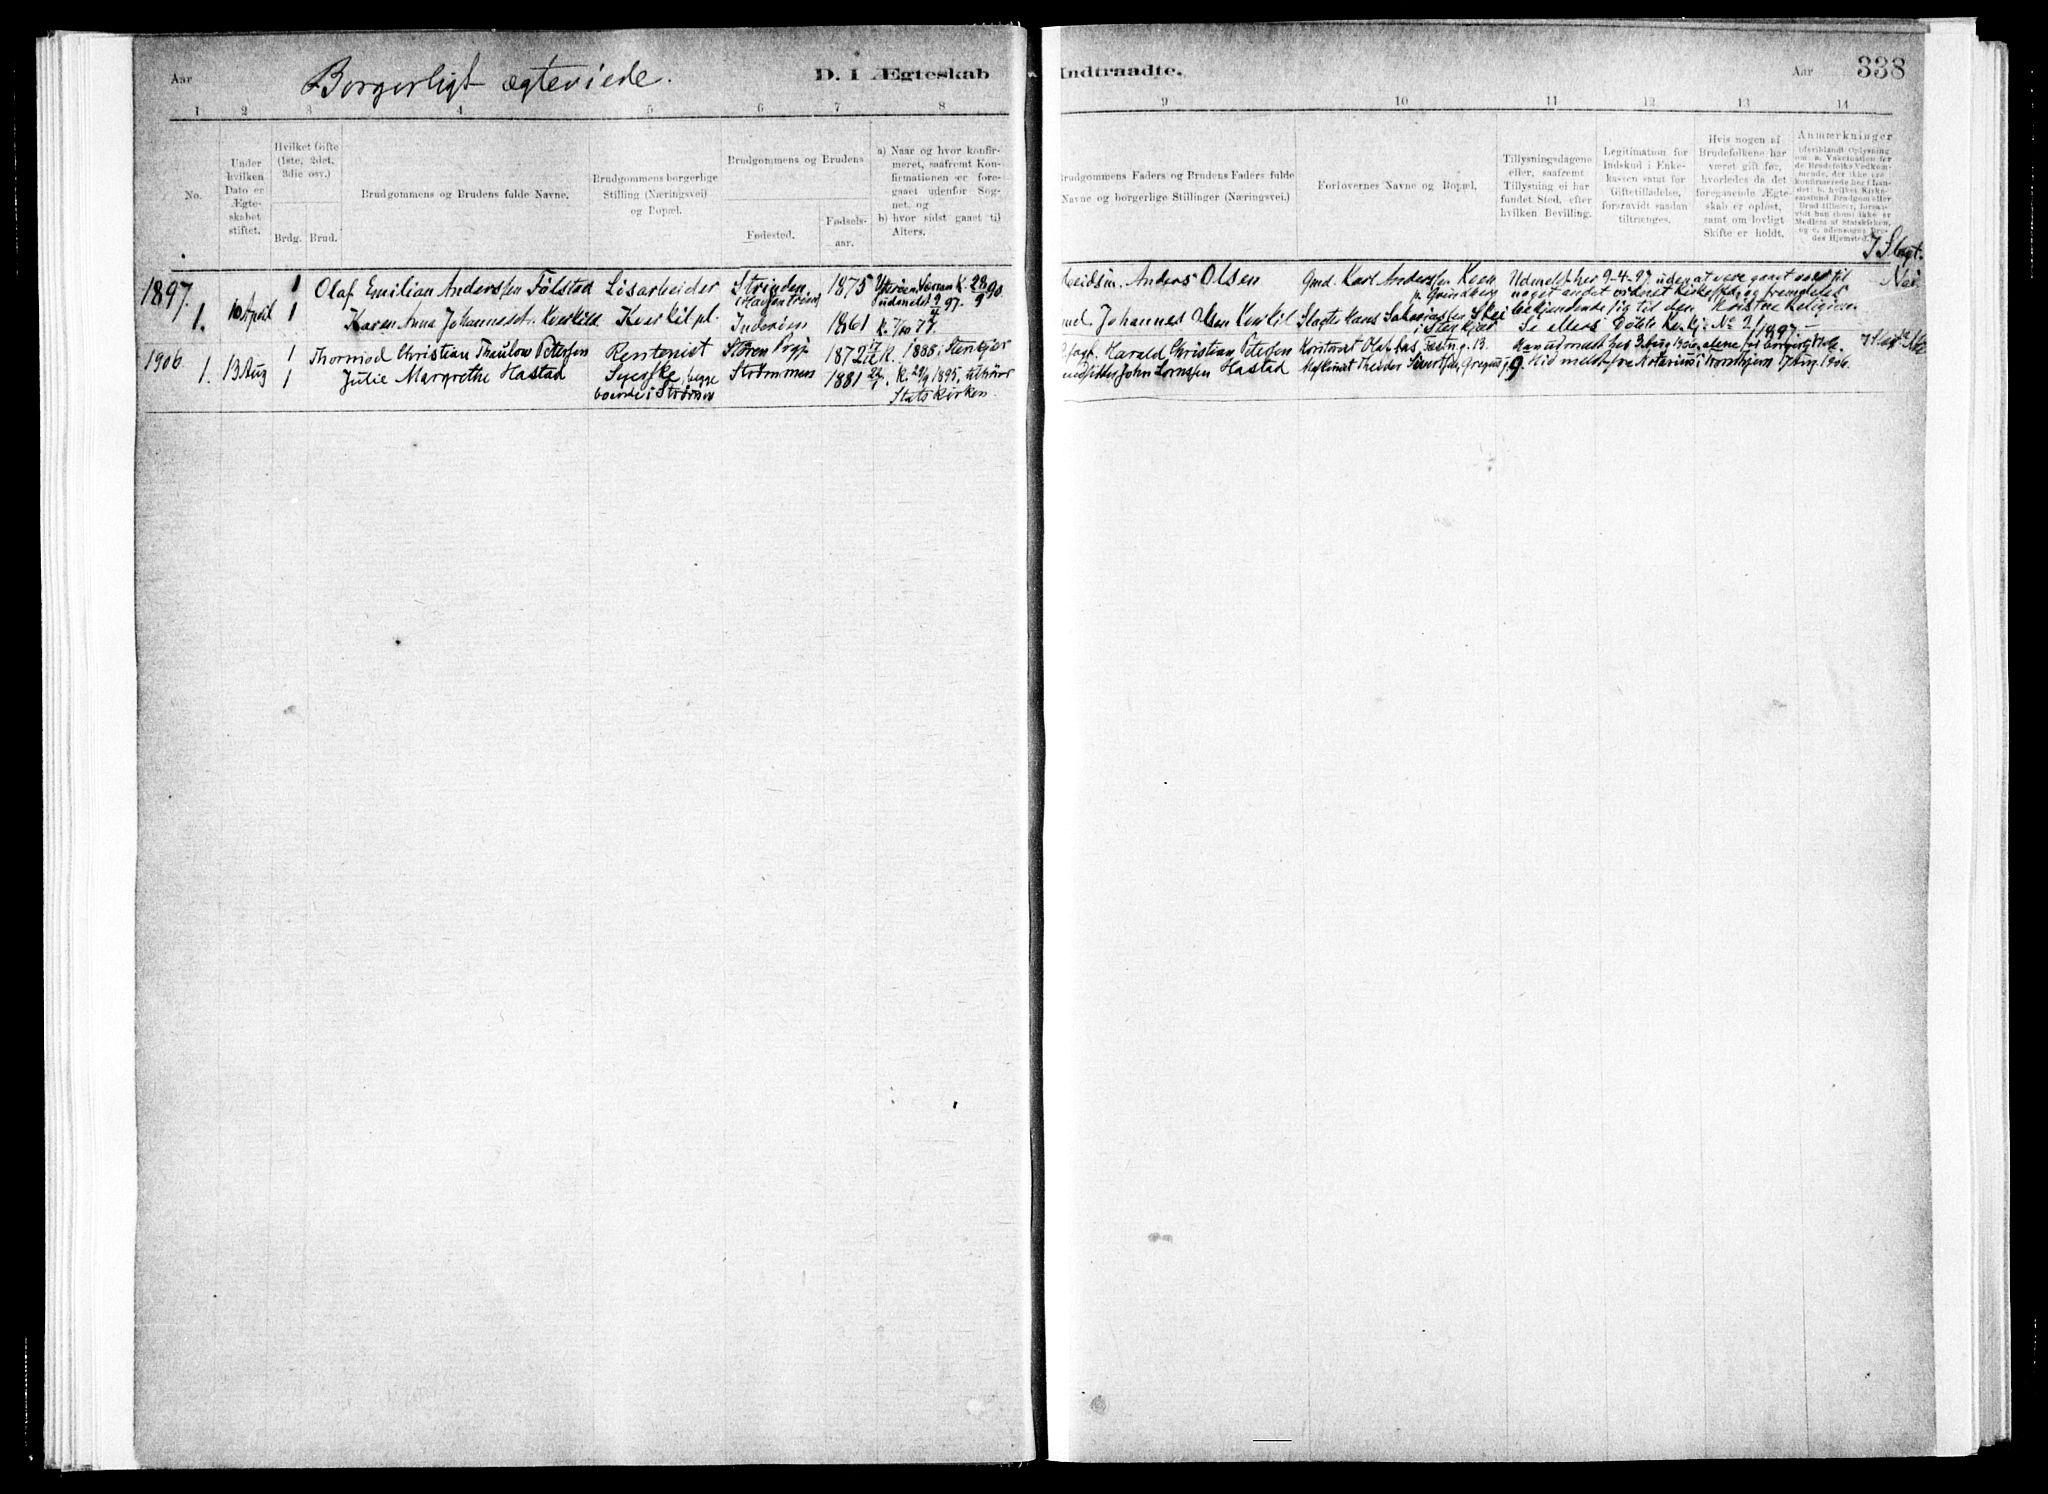 SAT, Ministerialprotokoller, klokkerbøker og fødselsregistre - Nord-Trøndelag, 730/L0285: Parish register (official) no. 730A10, 1879-1914, p. 338